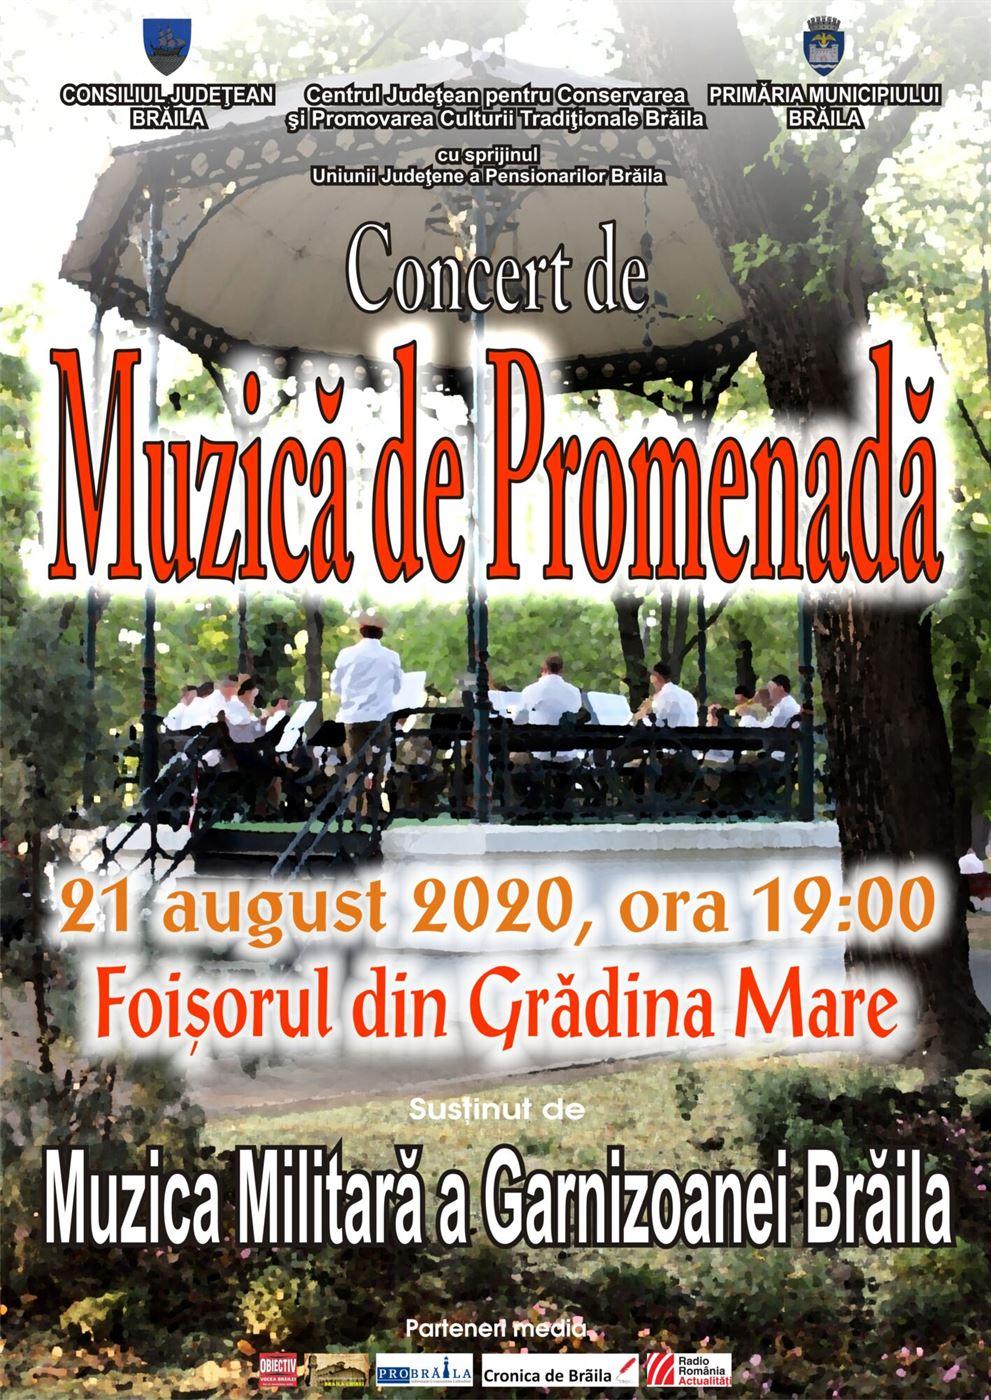 Concert de muzică de promenadă susţinut de Muzica Militară a Garnizoanei Brăila